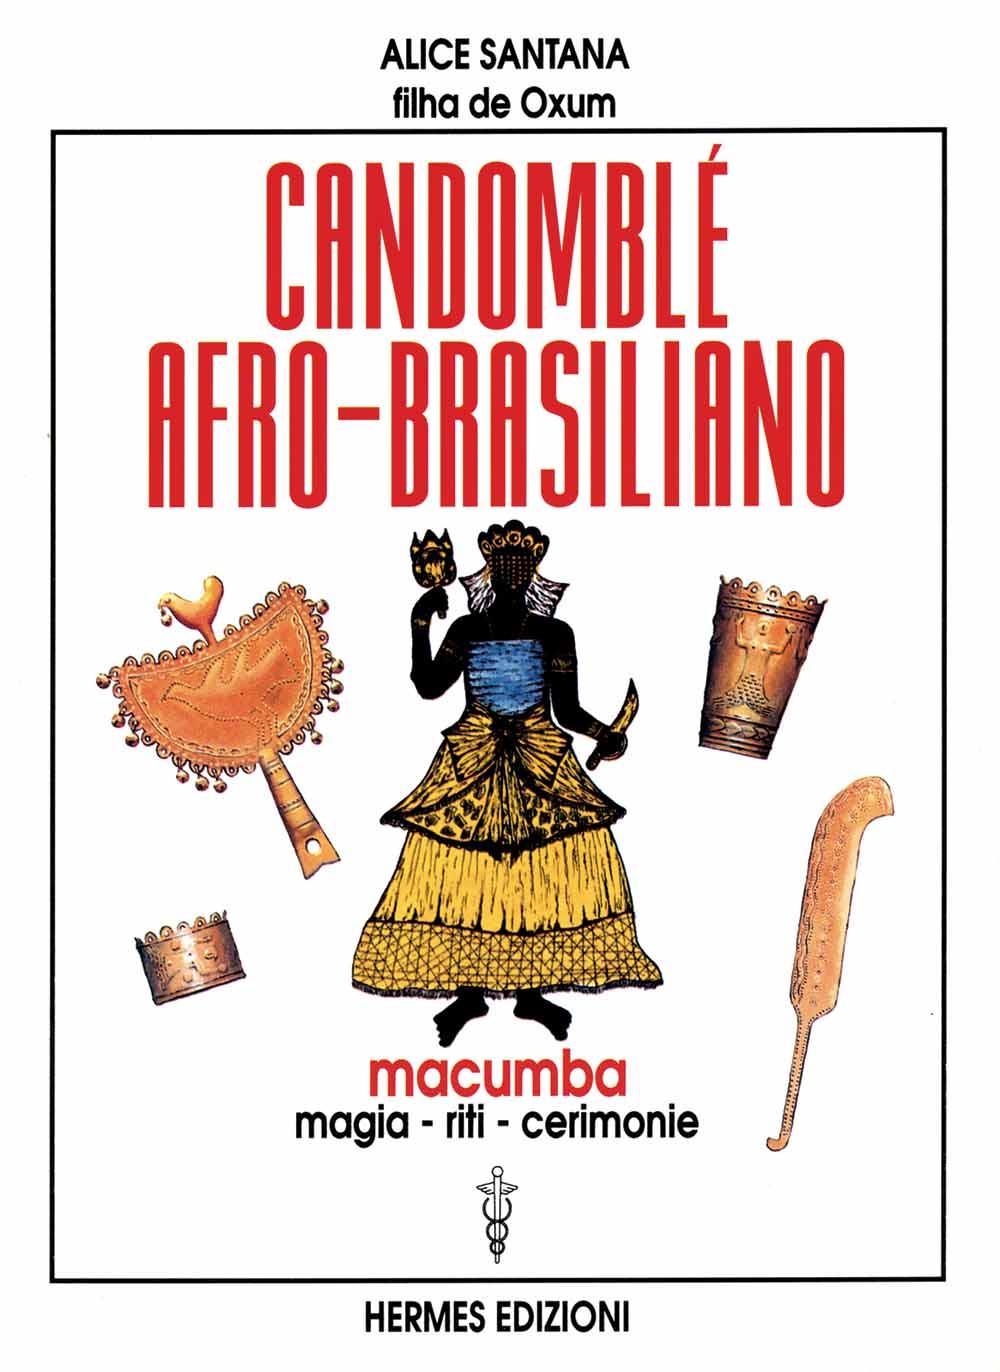 Libri Alice Santana - Candomble Afro-Brasiliano. Macumba, Magia, Riti, Cerimonie NUOVO SIGILLATO, EDIZIONE DEL 01/05/1998 SUBITO DISPONIBILE